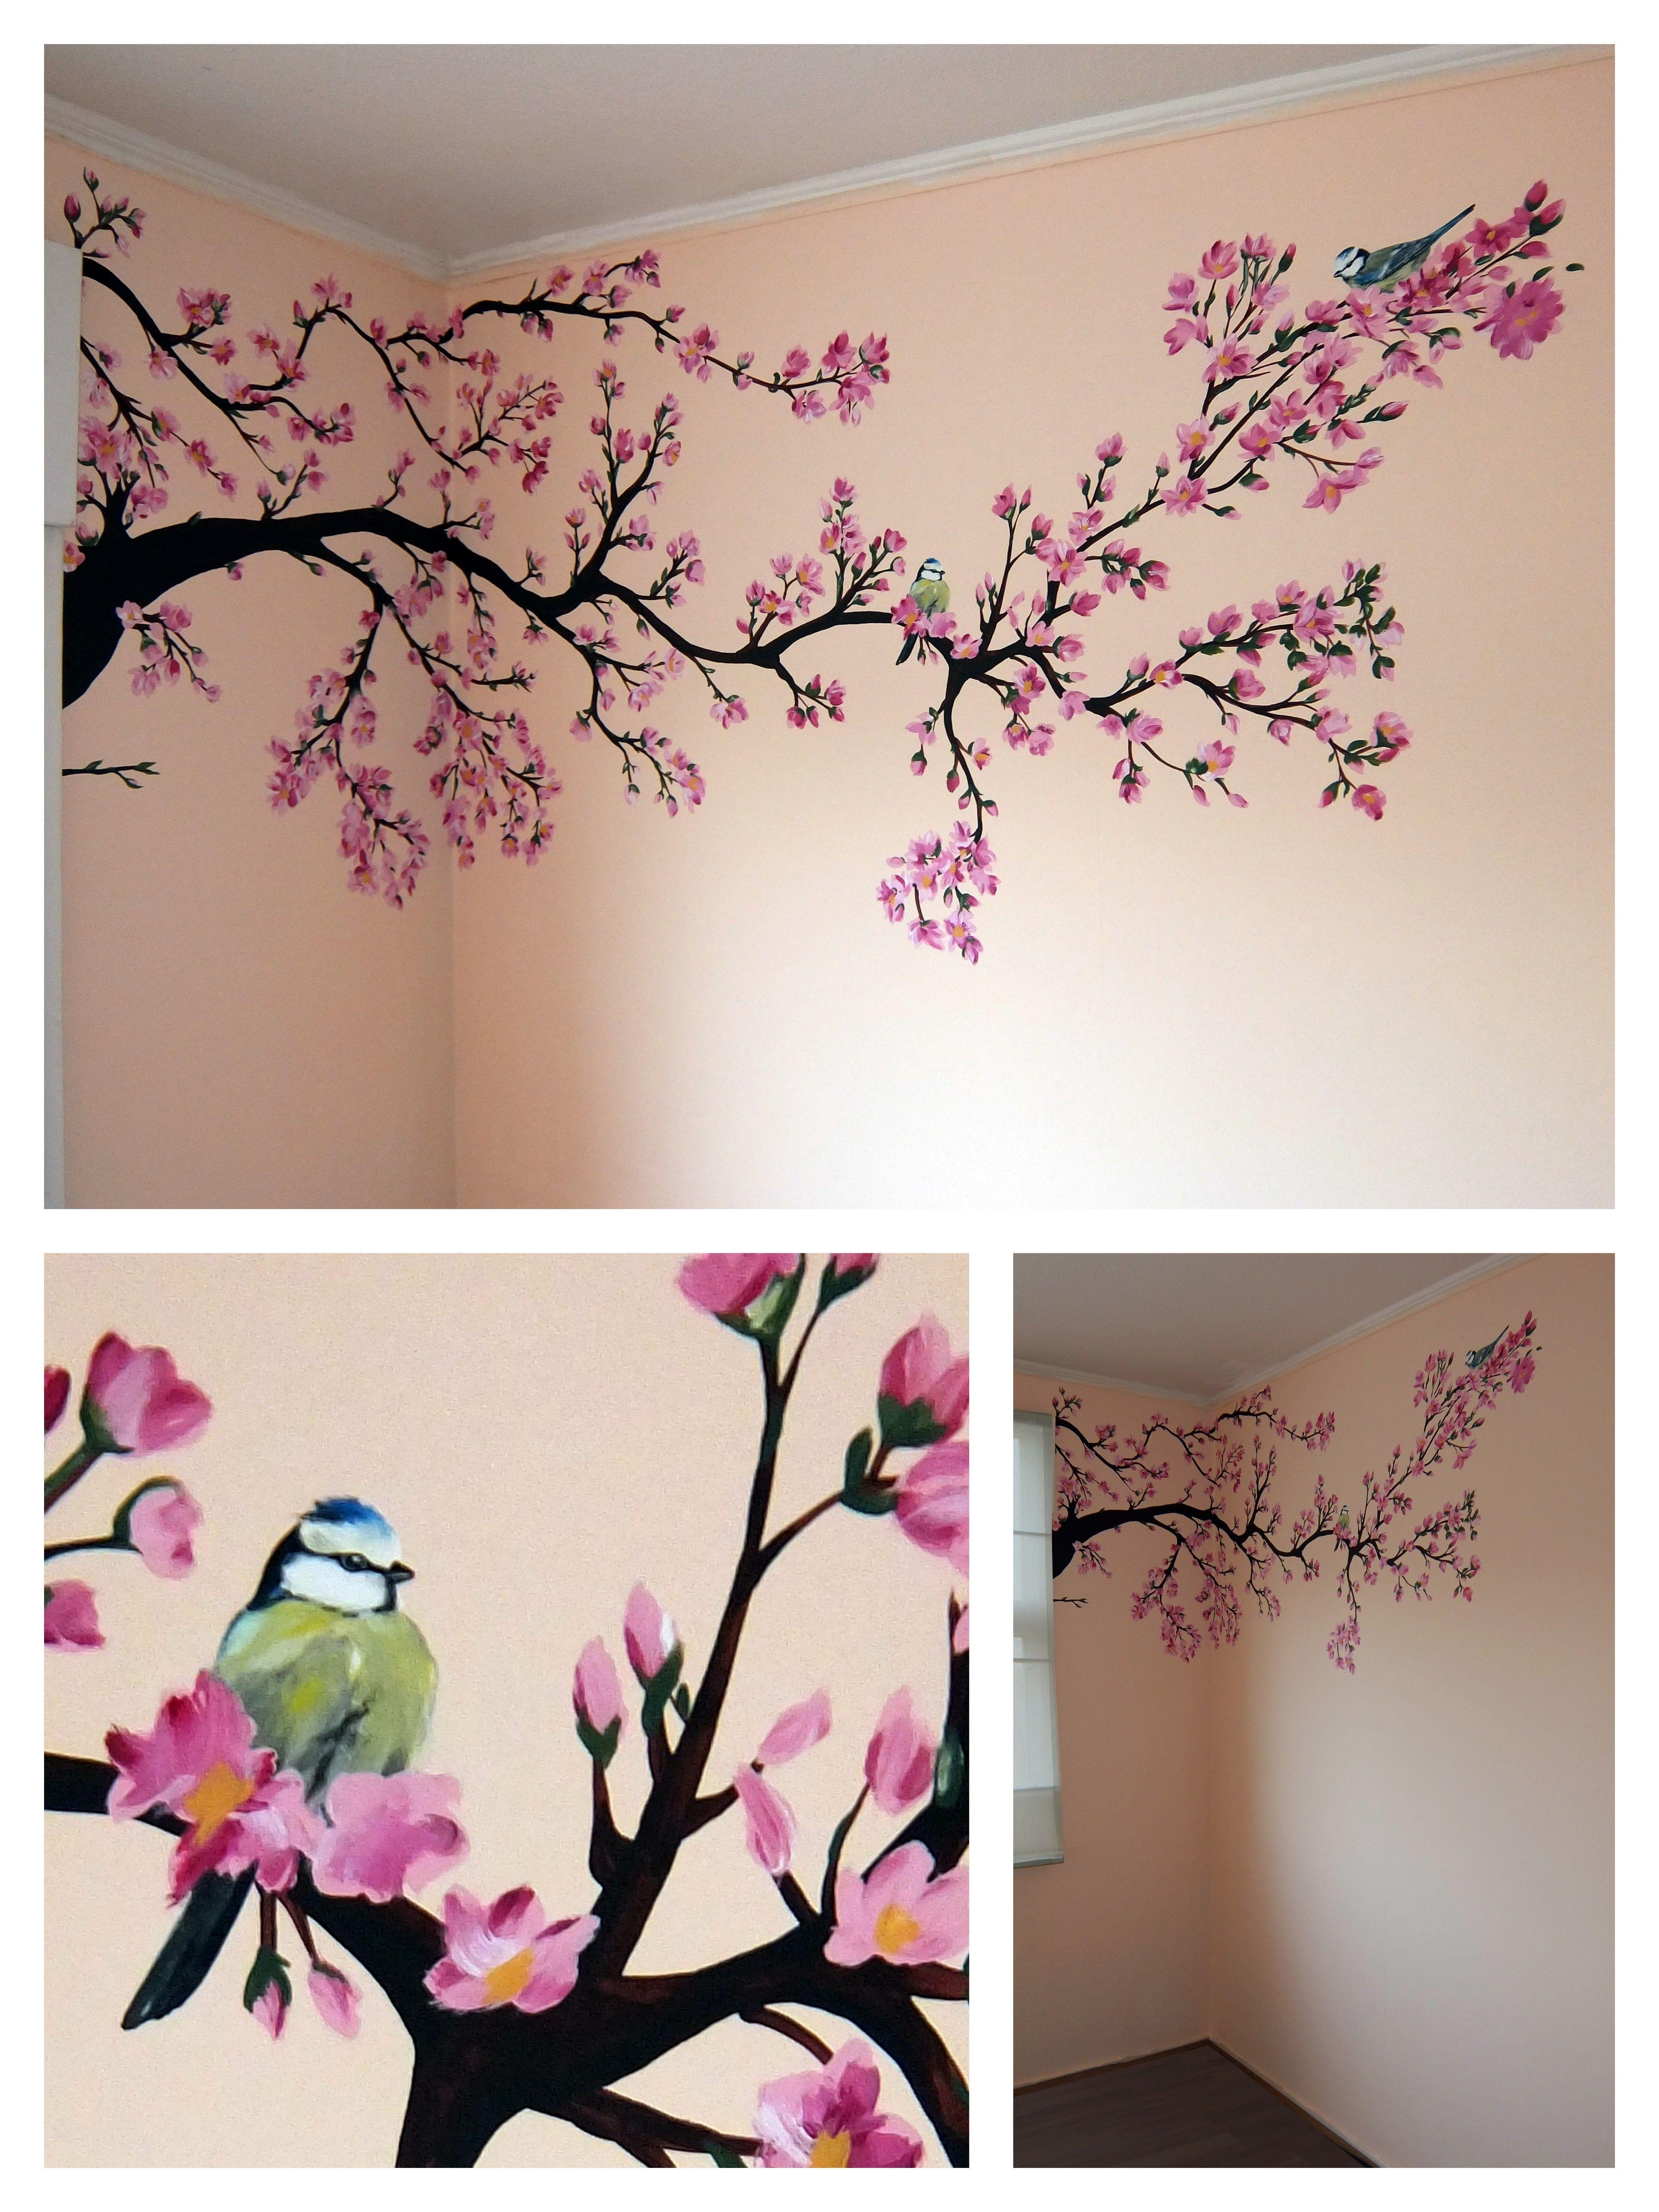 Lien Debrouwere Murales De Pared De Arboles Pintura De Arbol En La Pared Decoracion De Muros